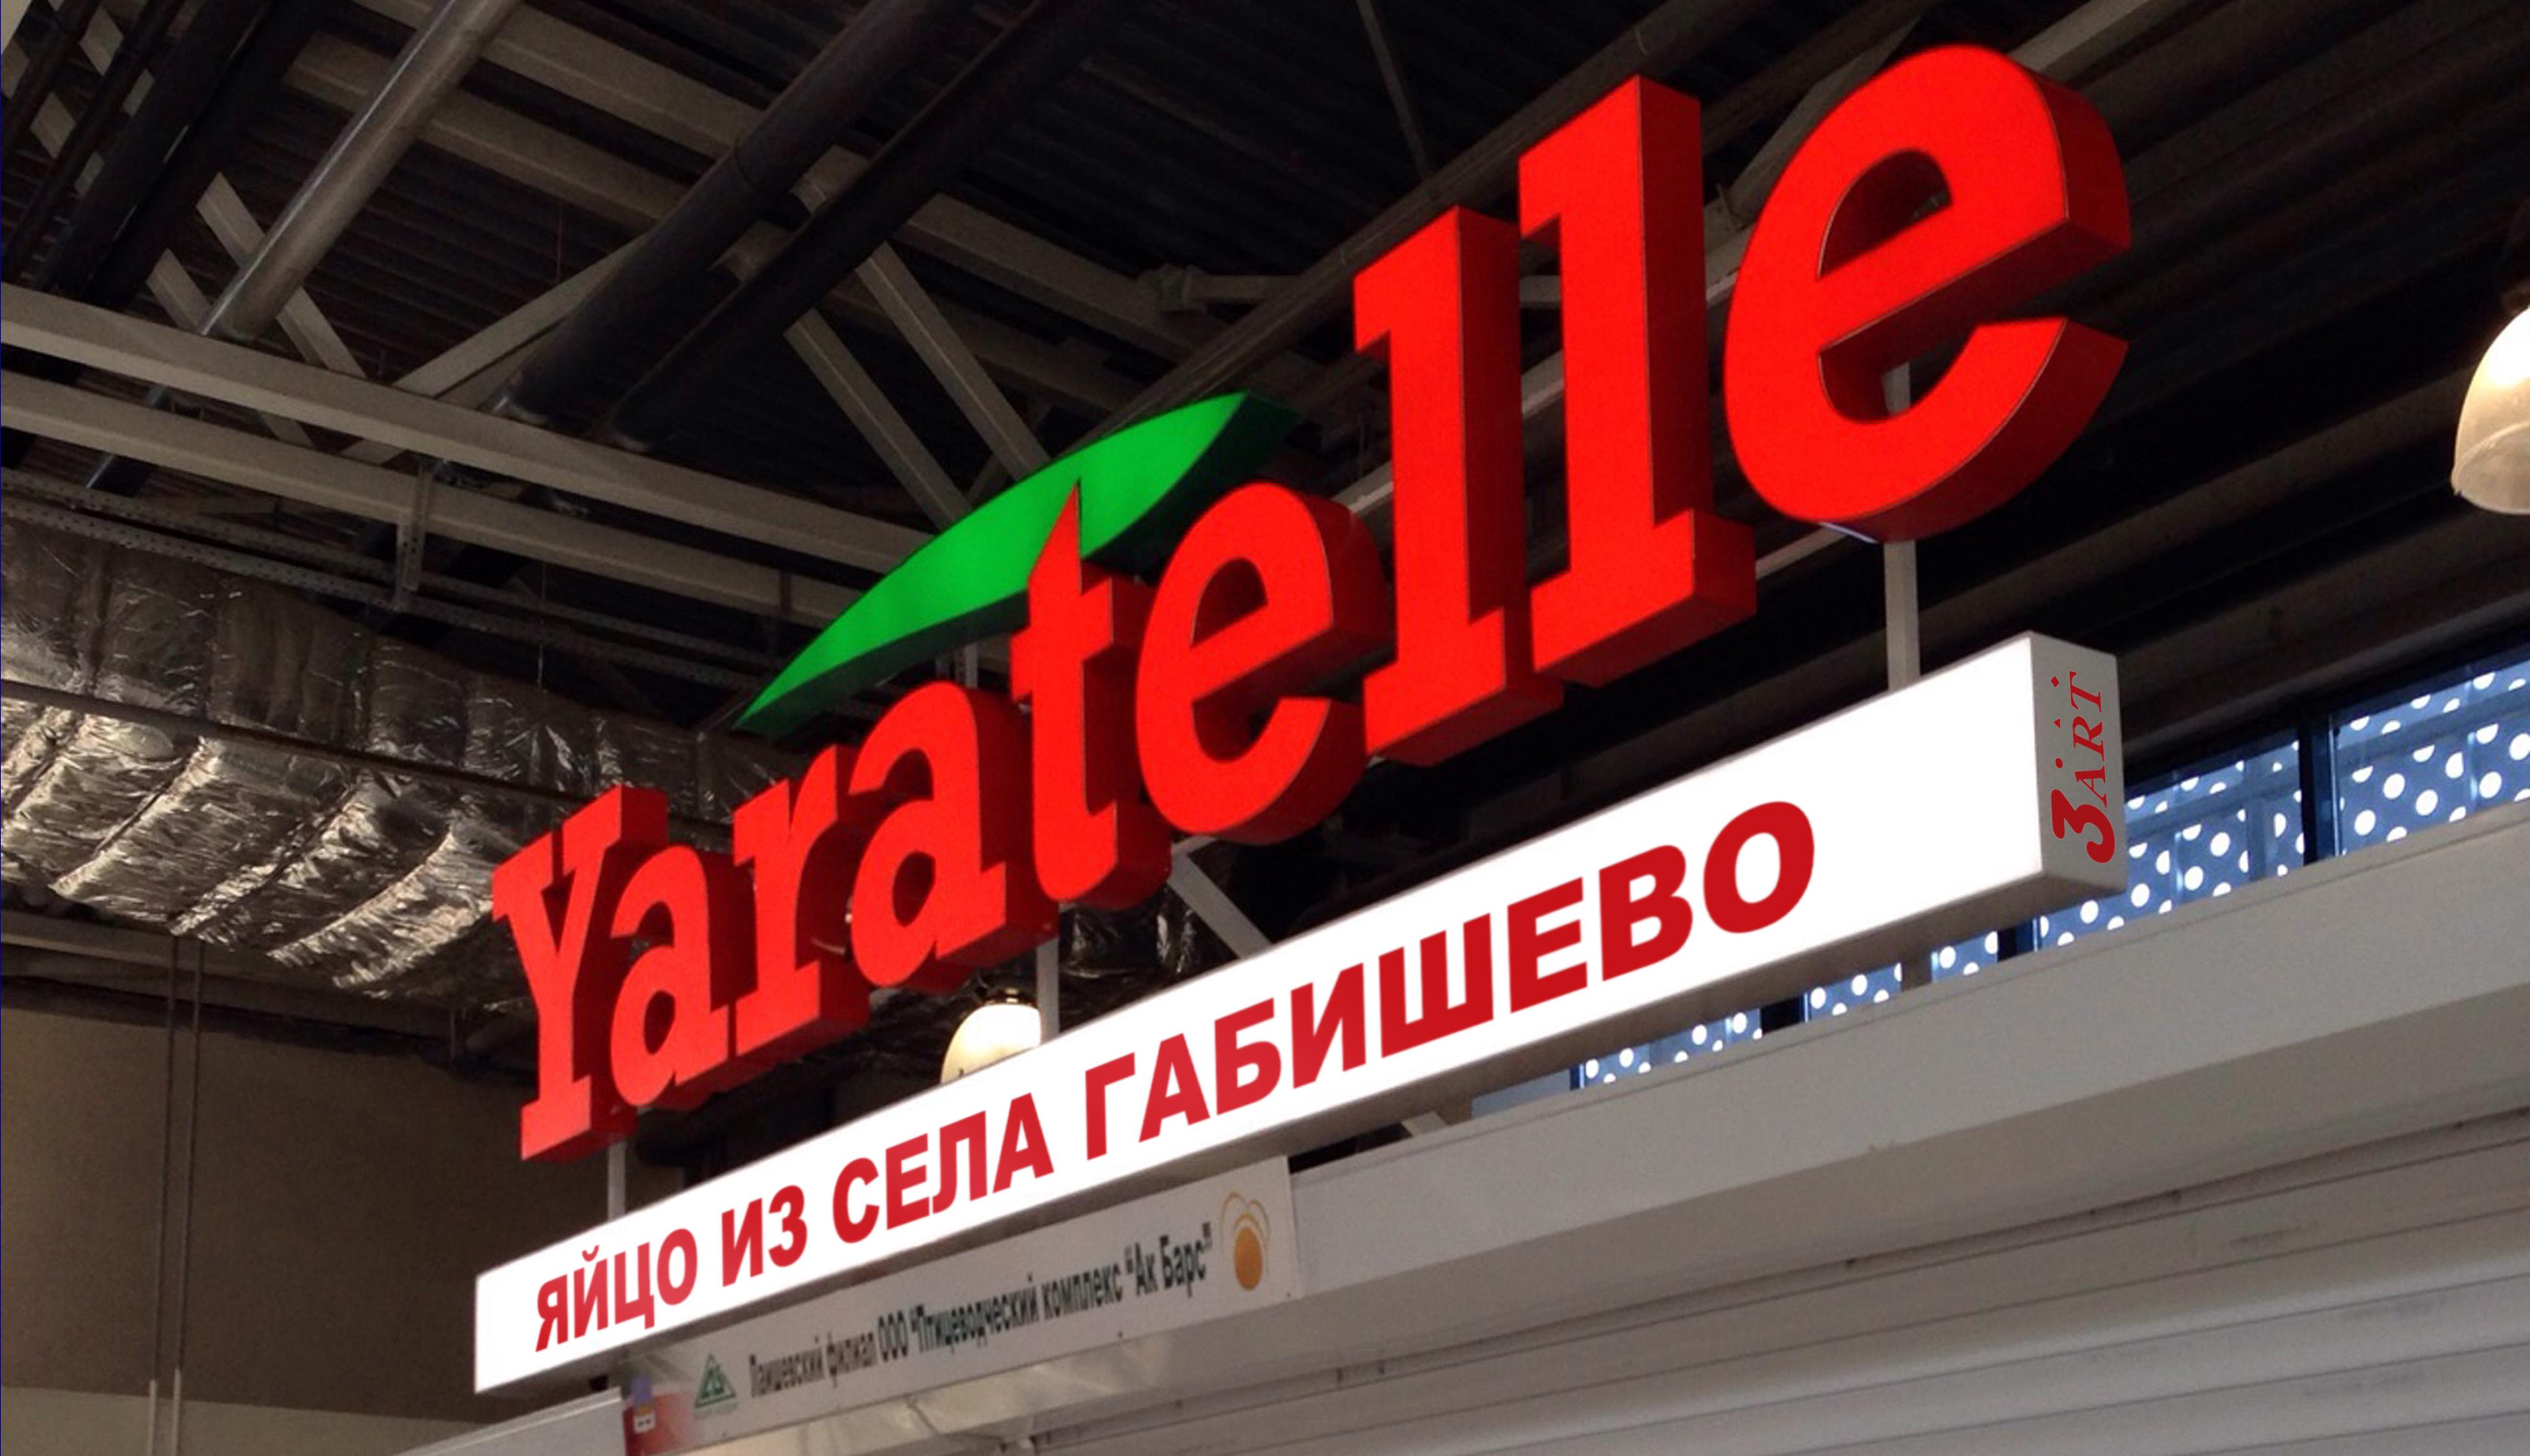 Yaratelle